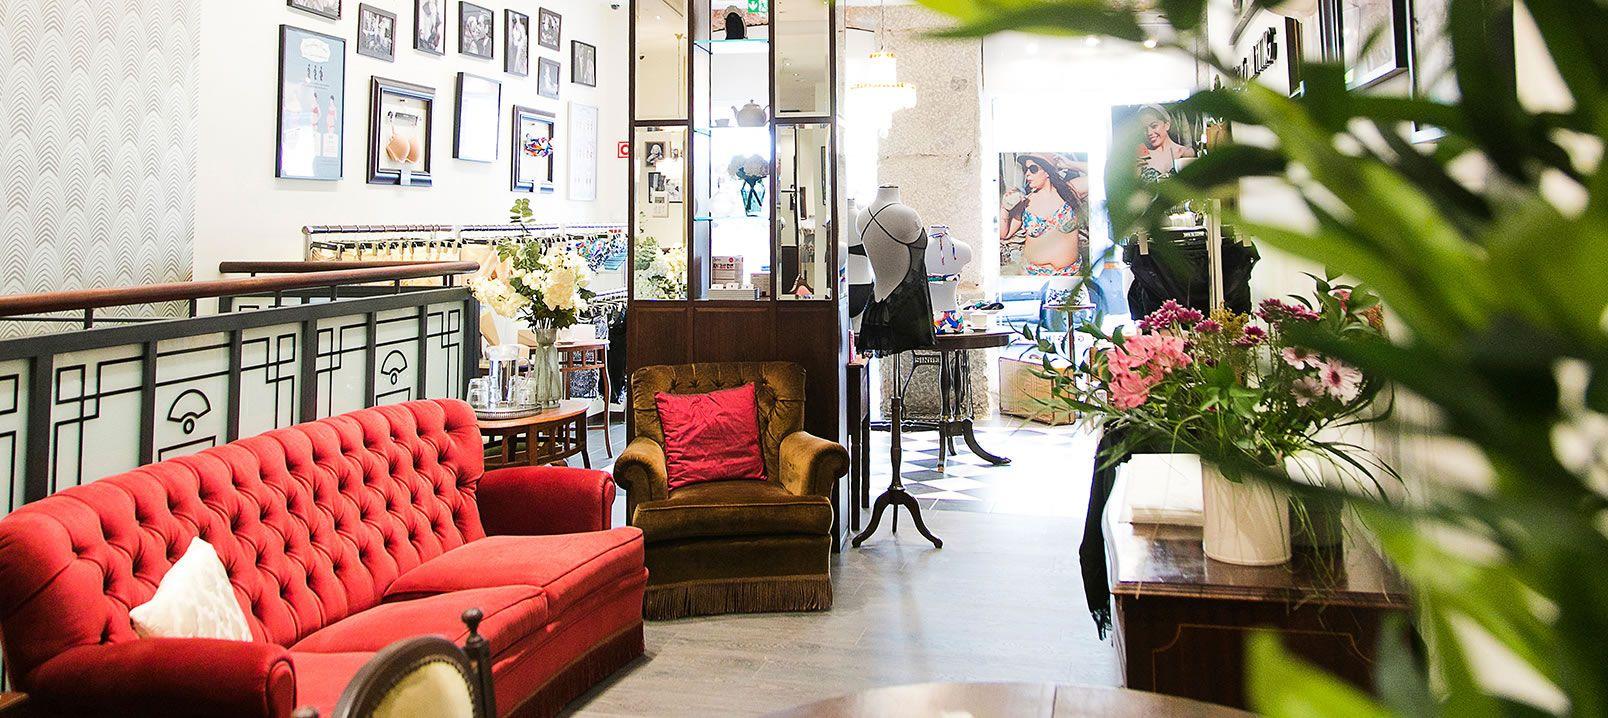 30% de descuento en toda la tienda Dama de Copas + envío gratis a partir de 50€.